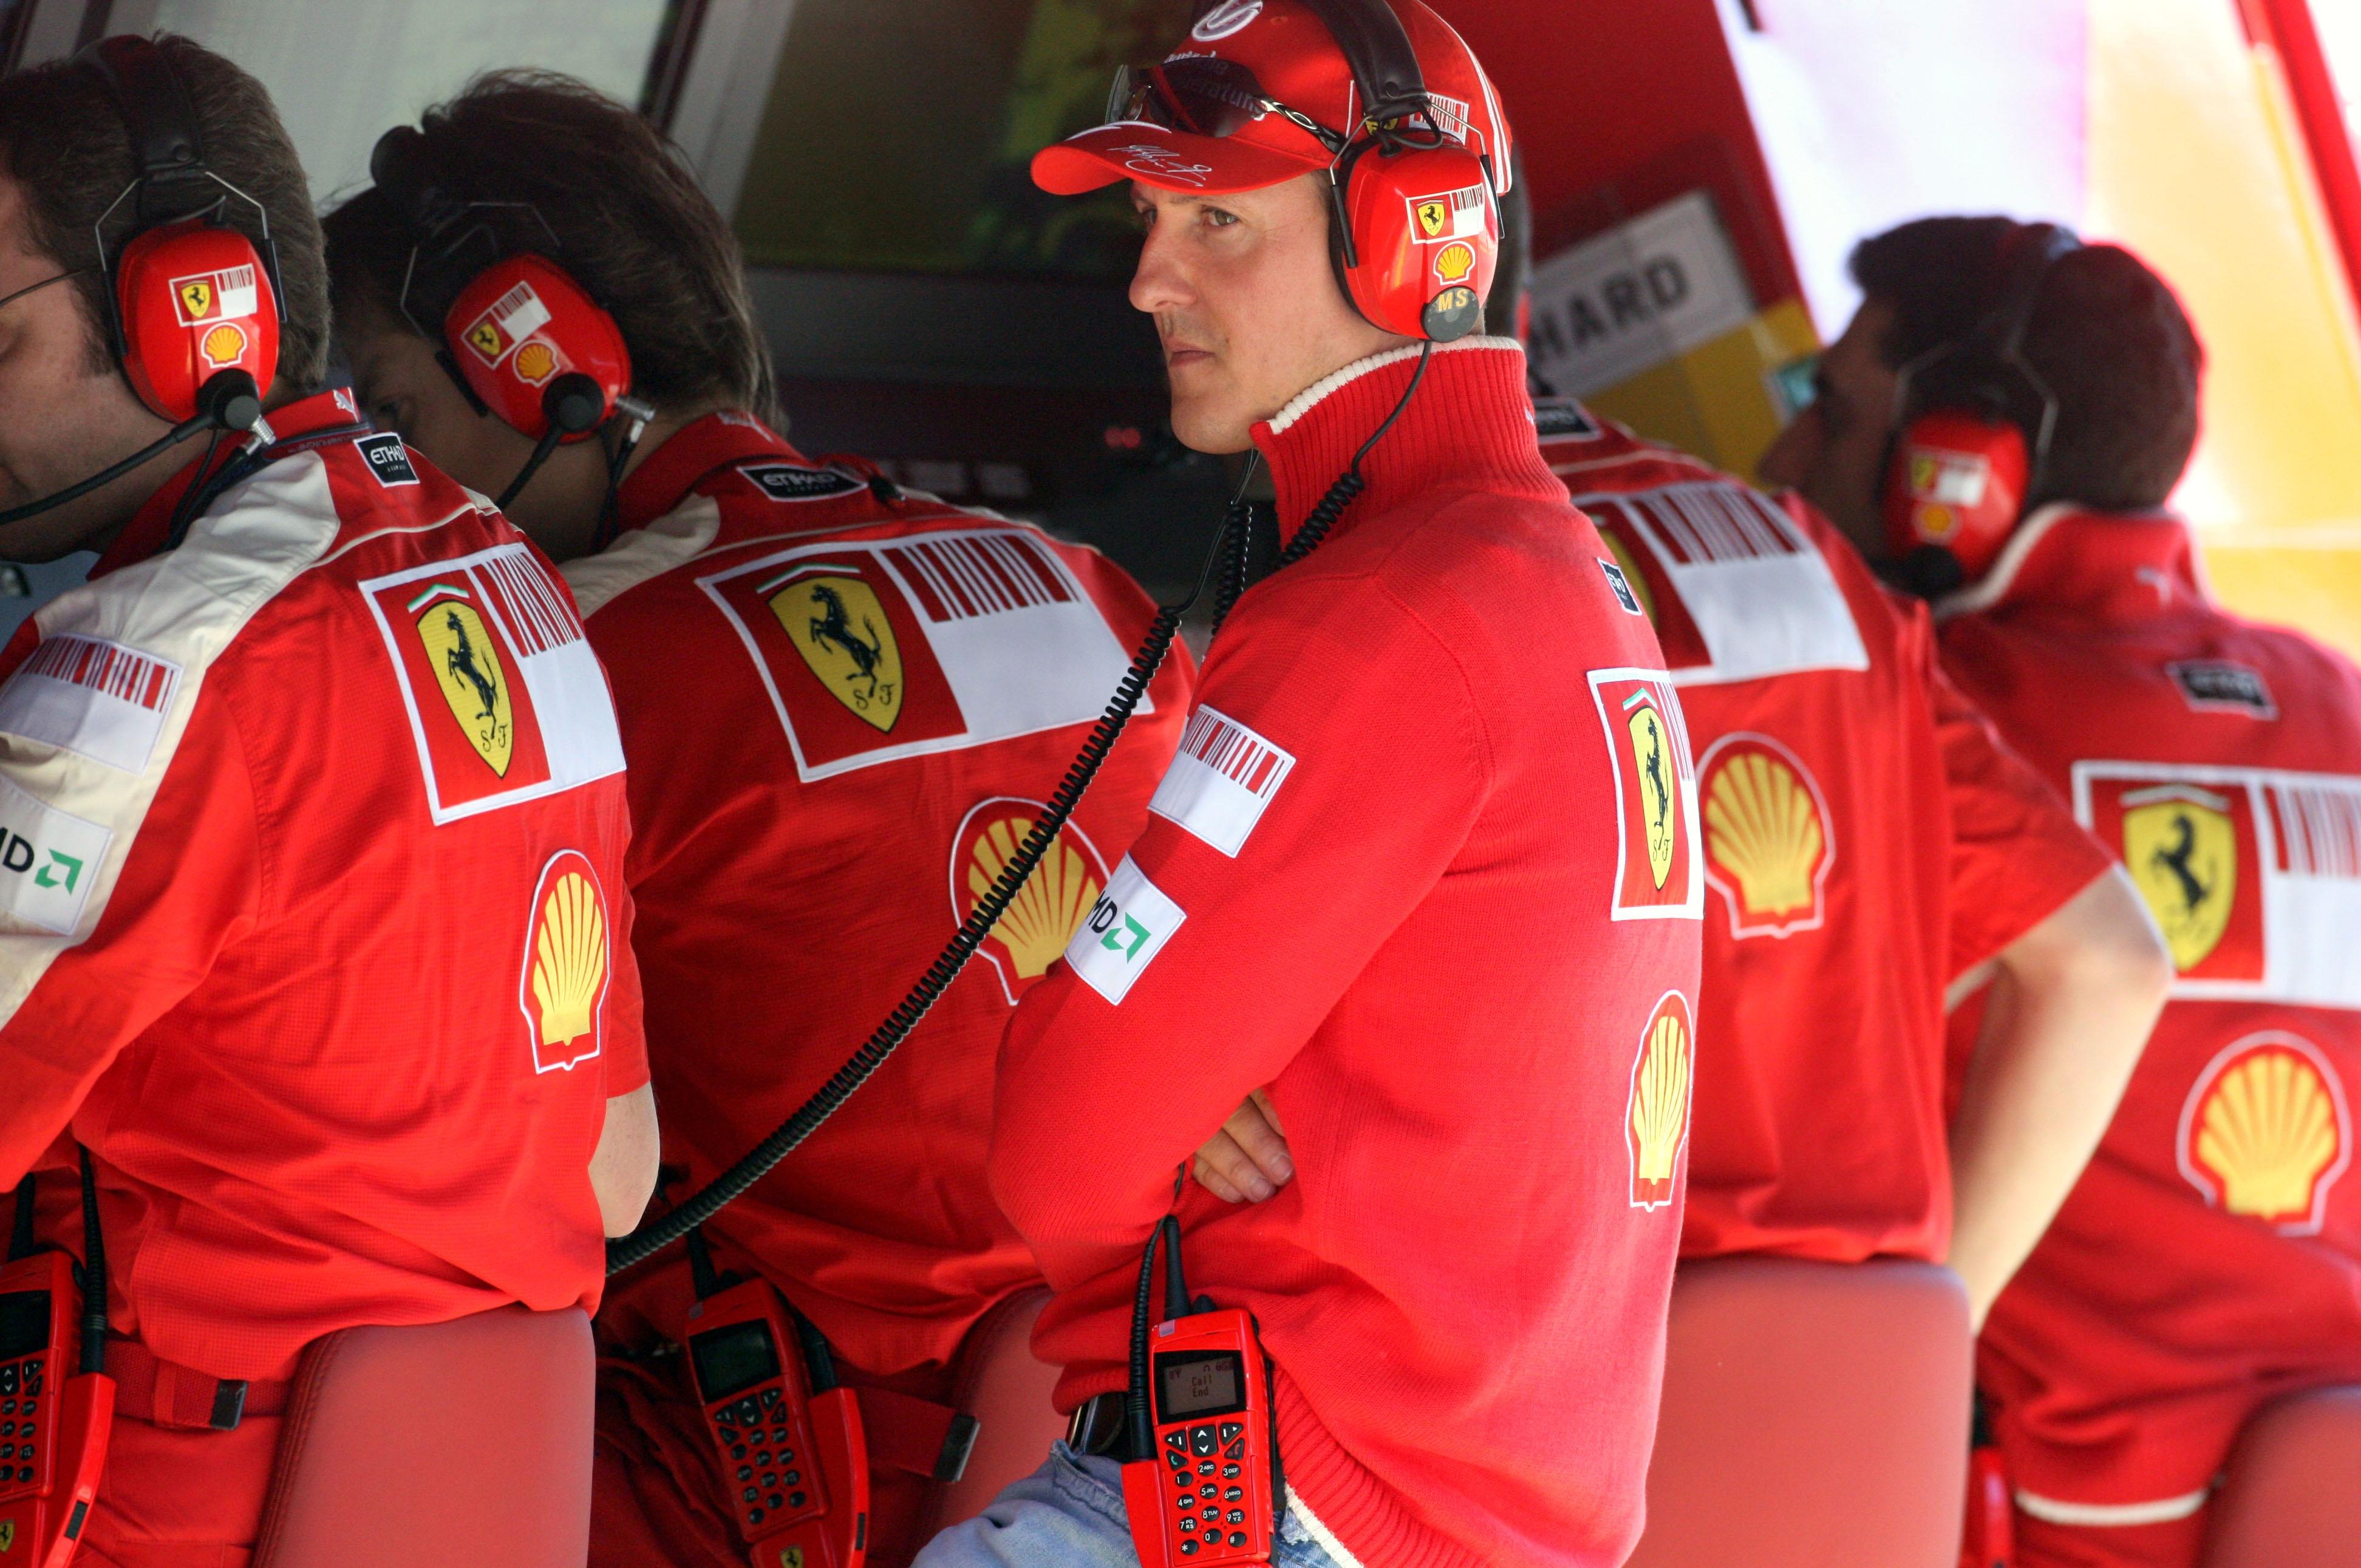 Михаэль Шумахер на командном мостике Ferrari, 2009 год